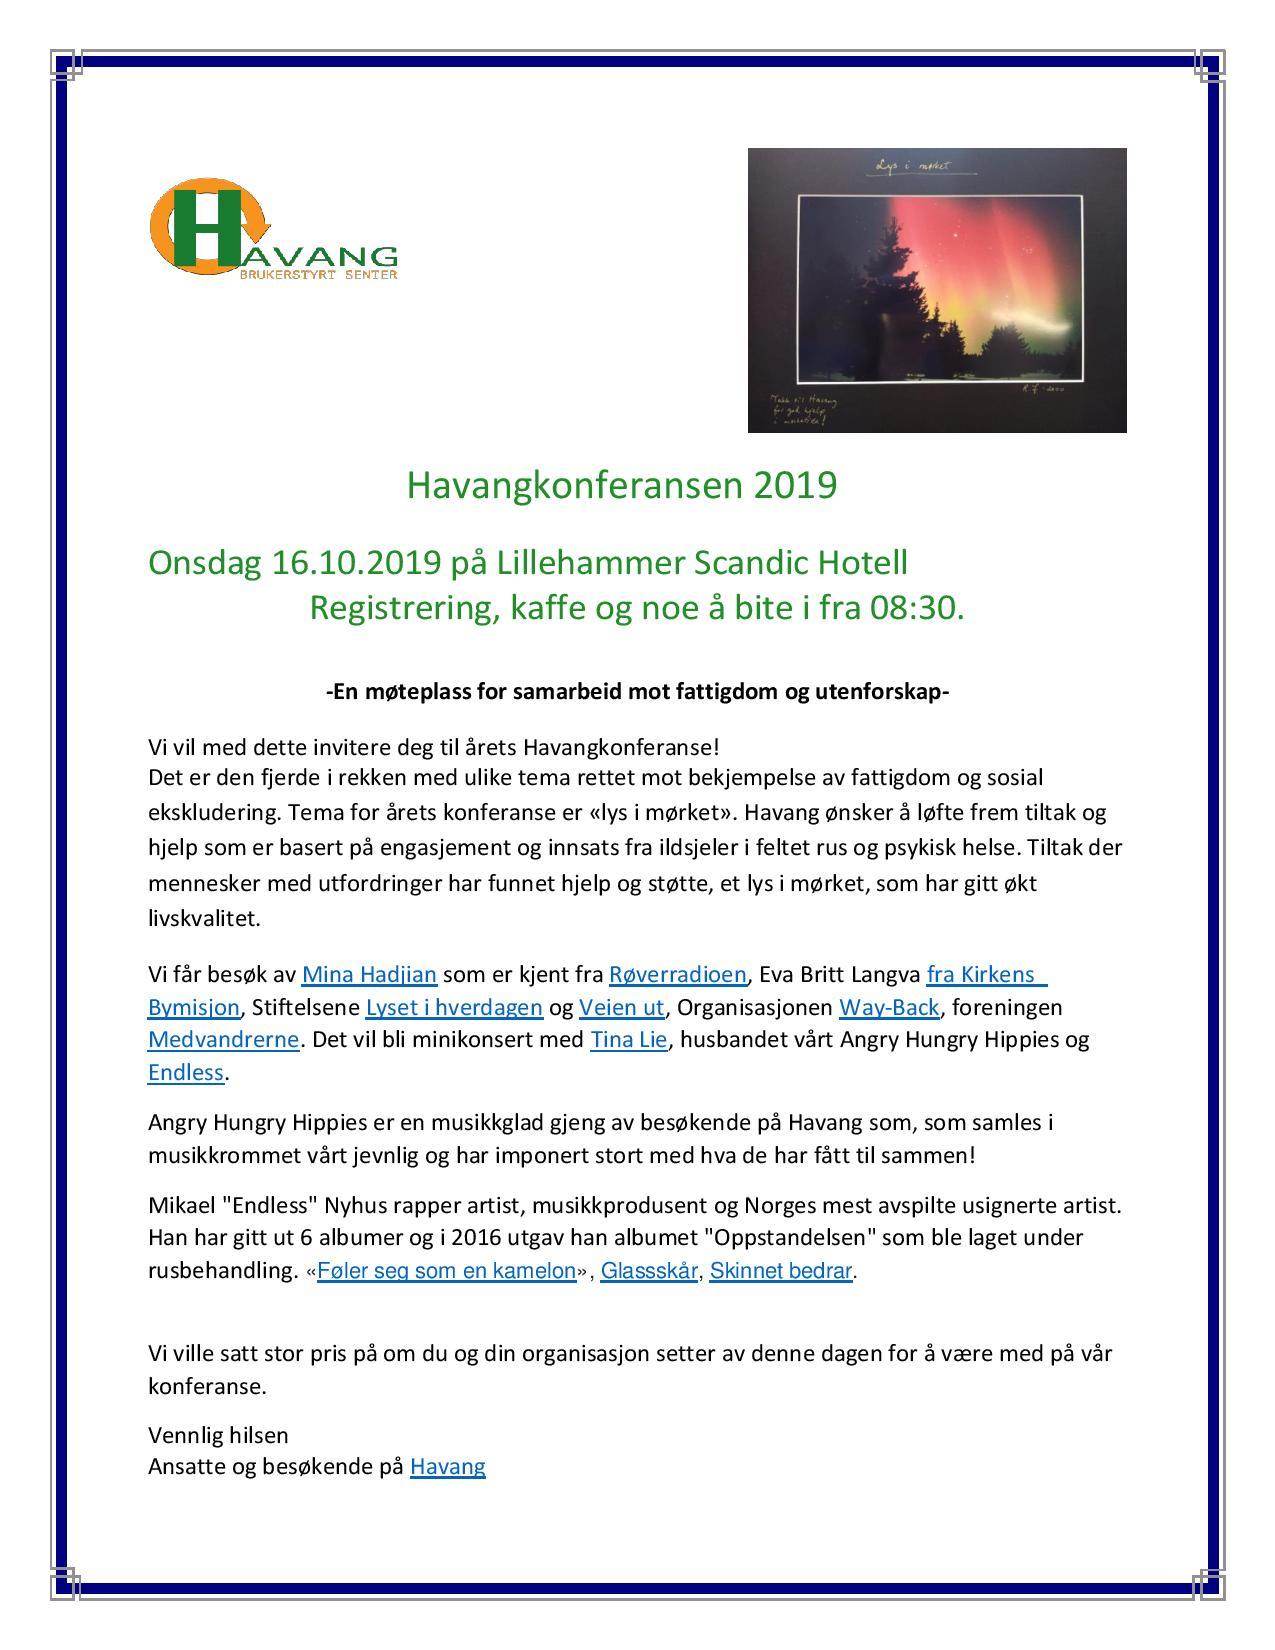 Havangkonferansen 2019 invitasjon